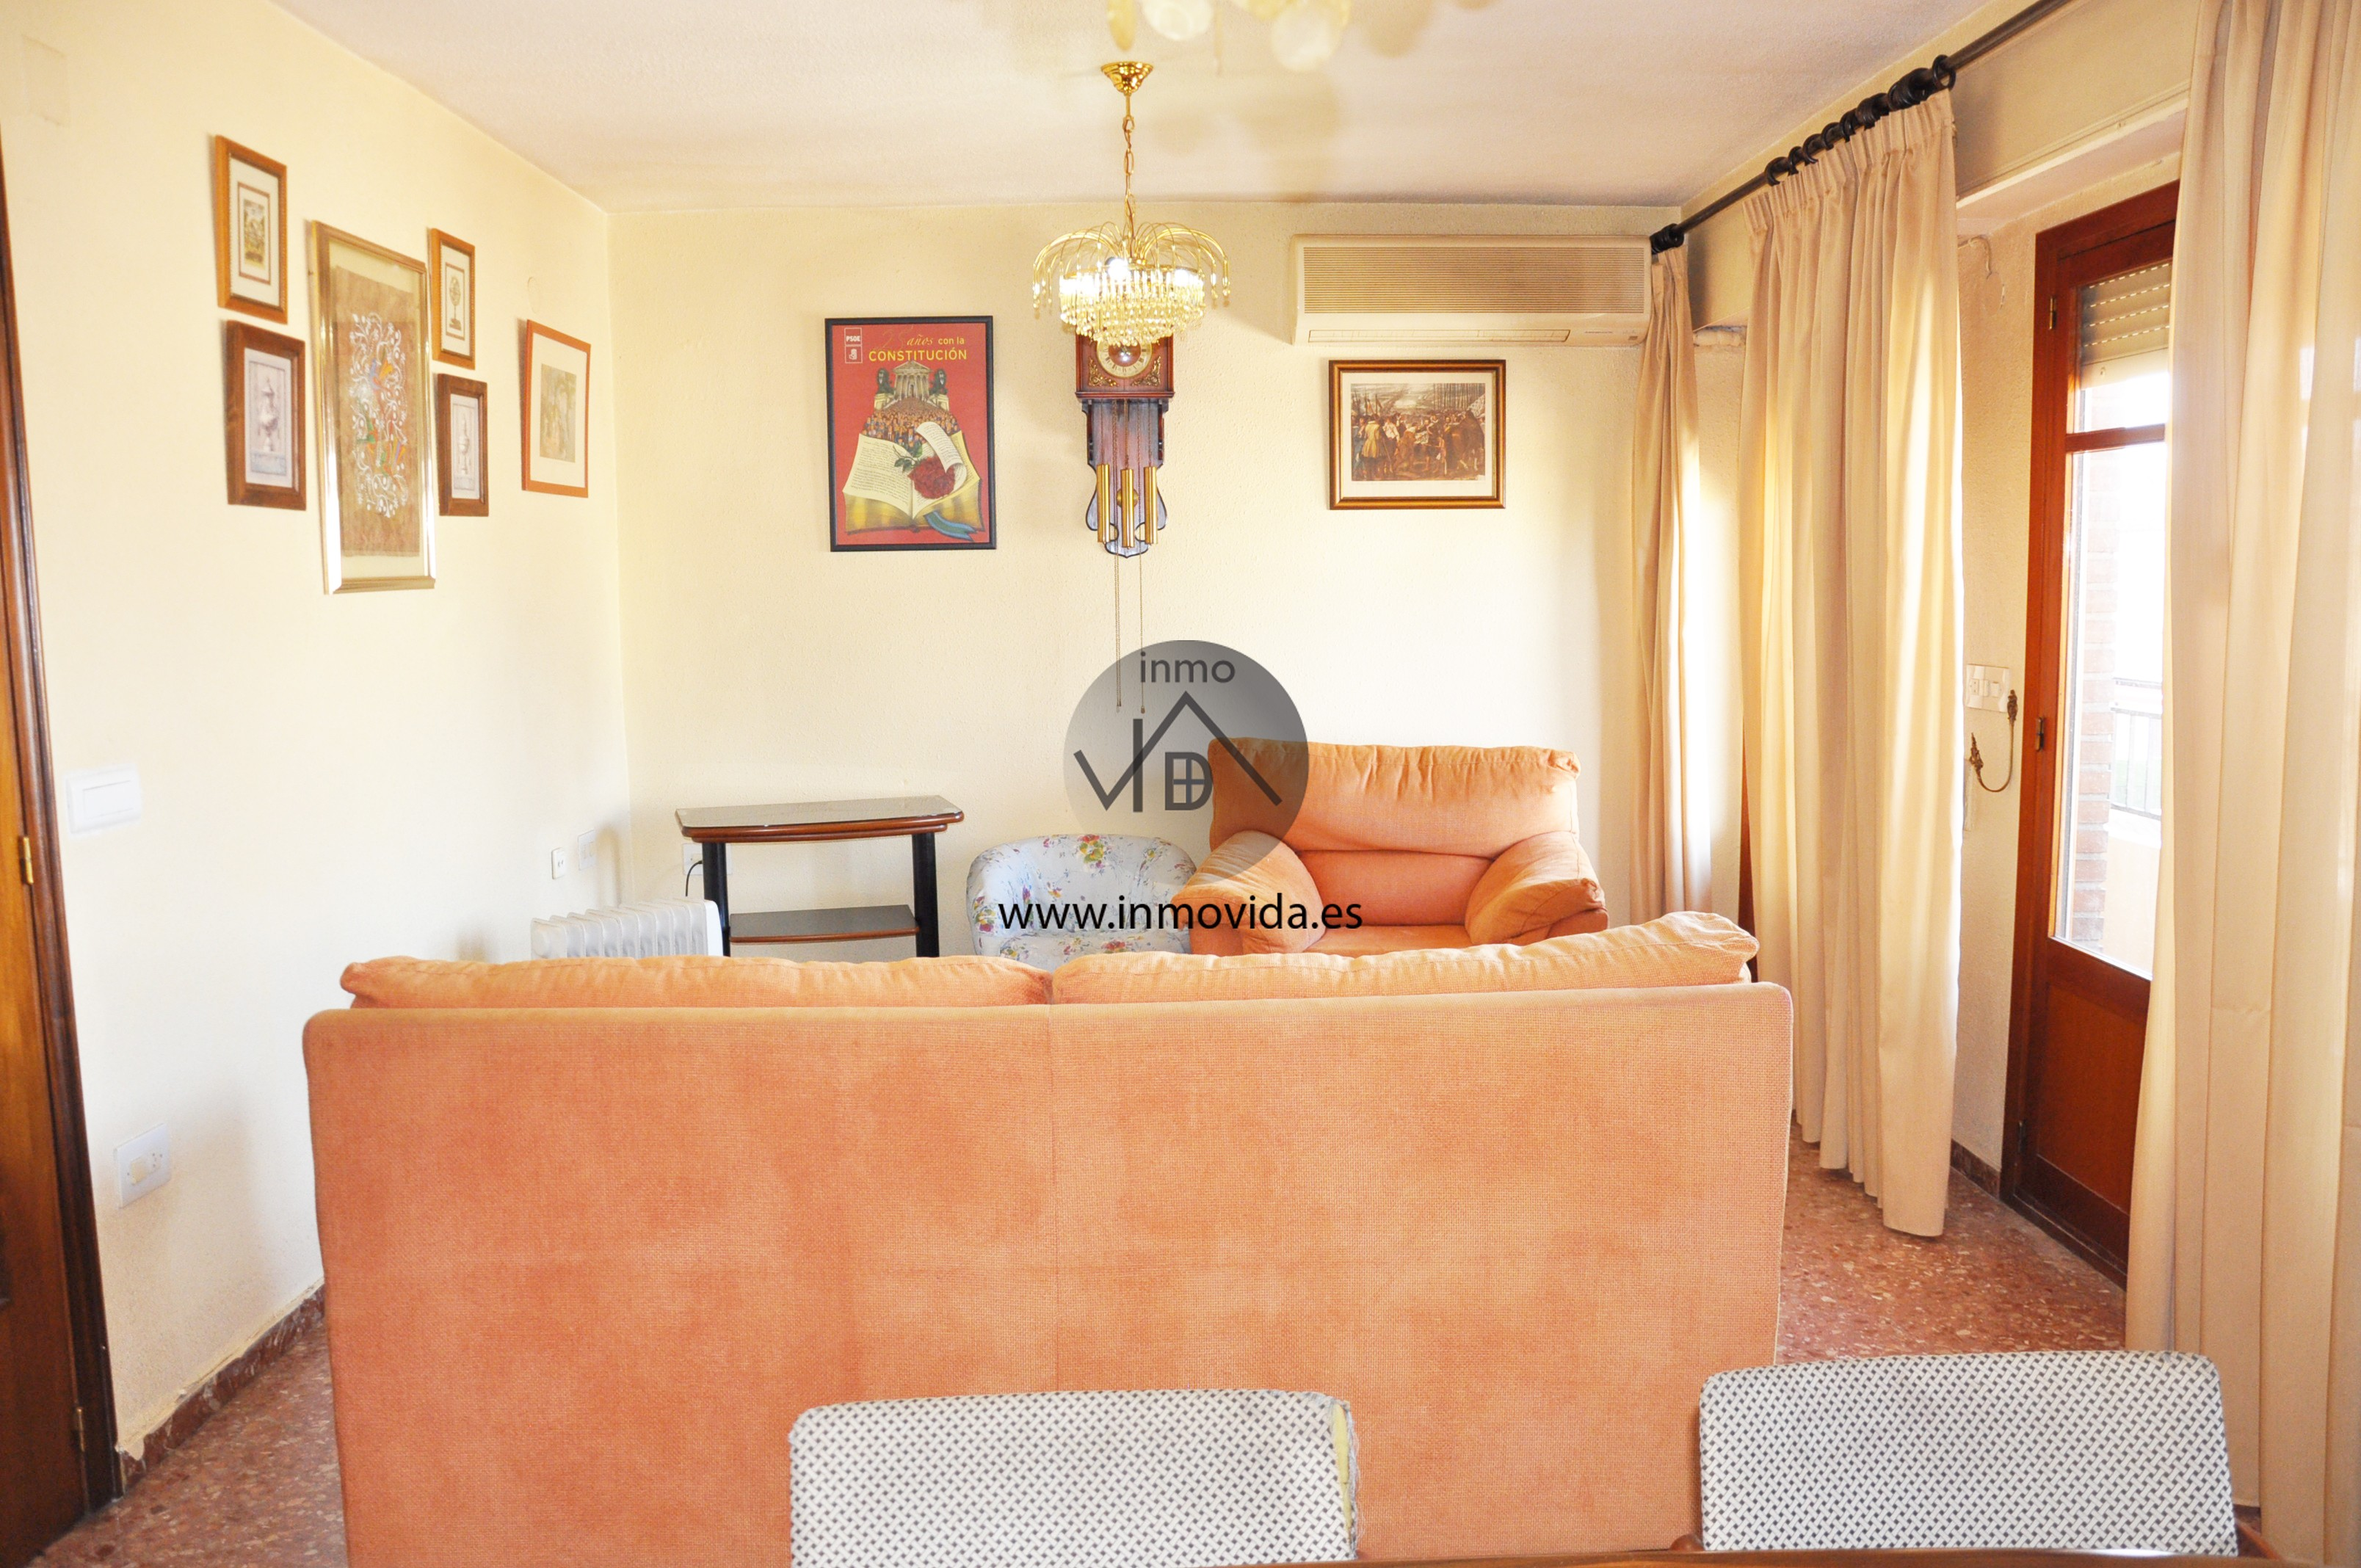 Inmovida piso en venta en Manuel